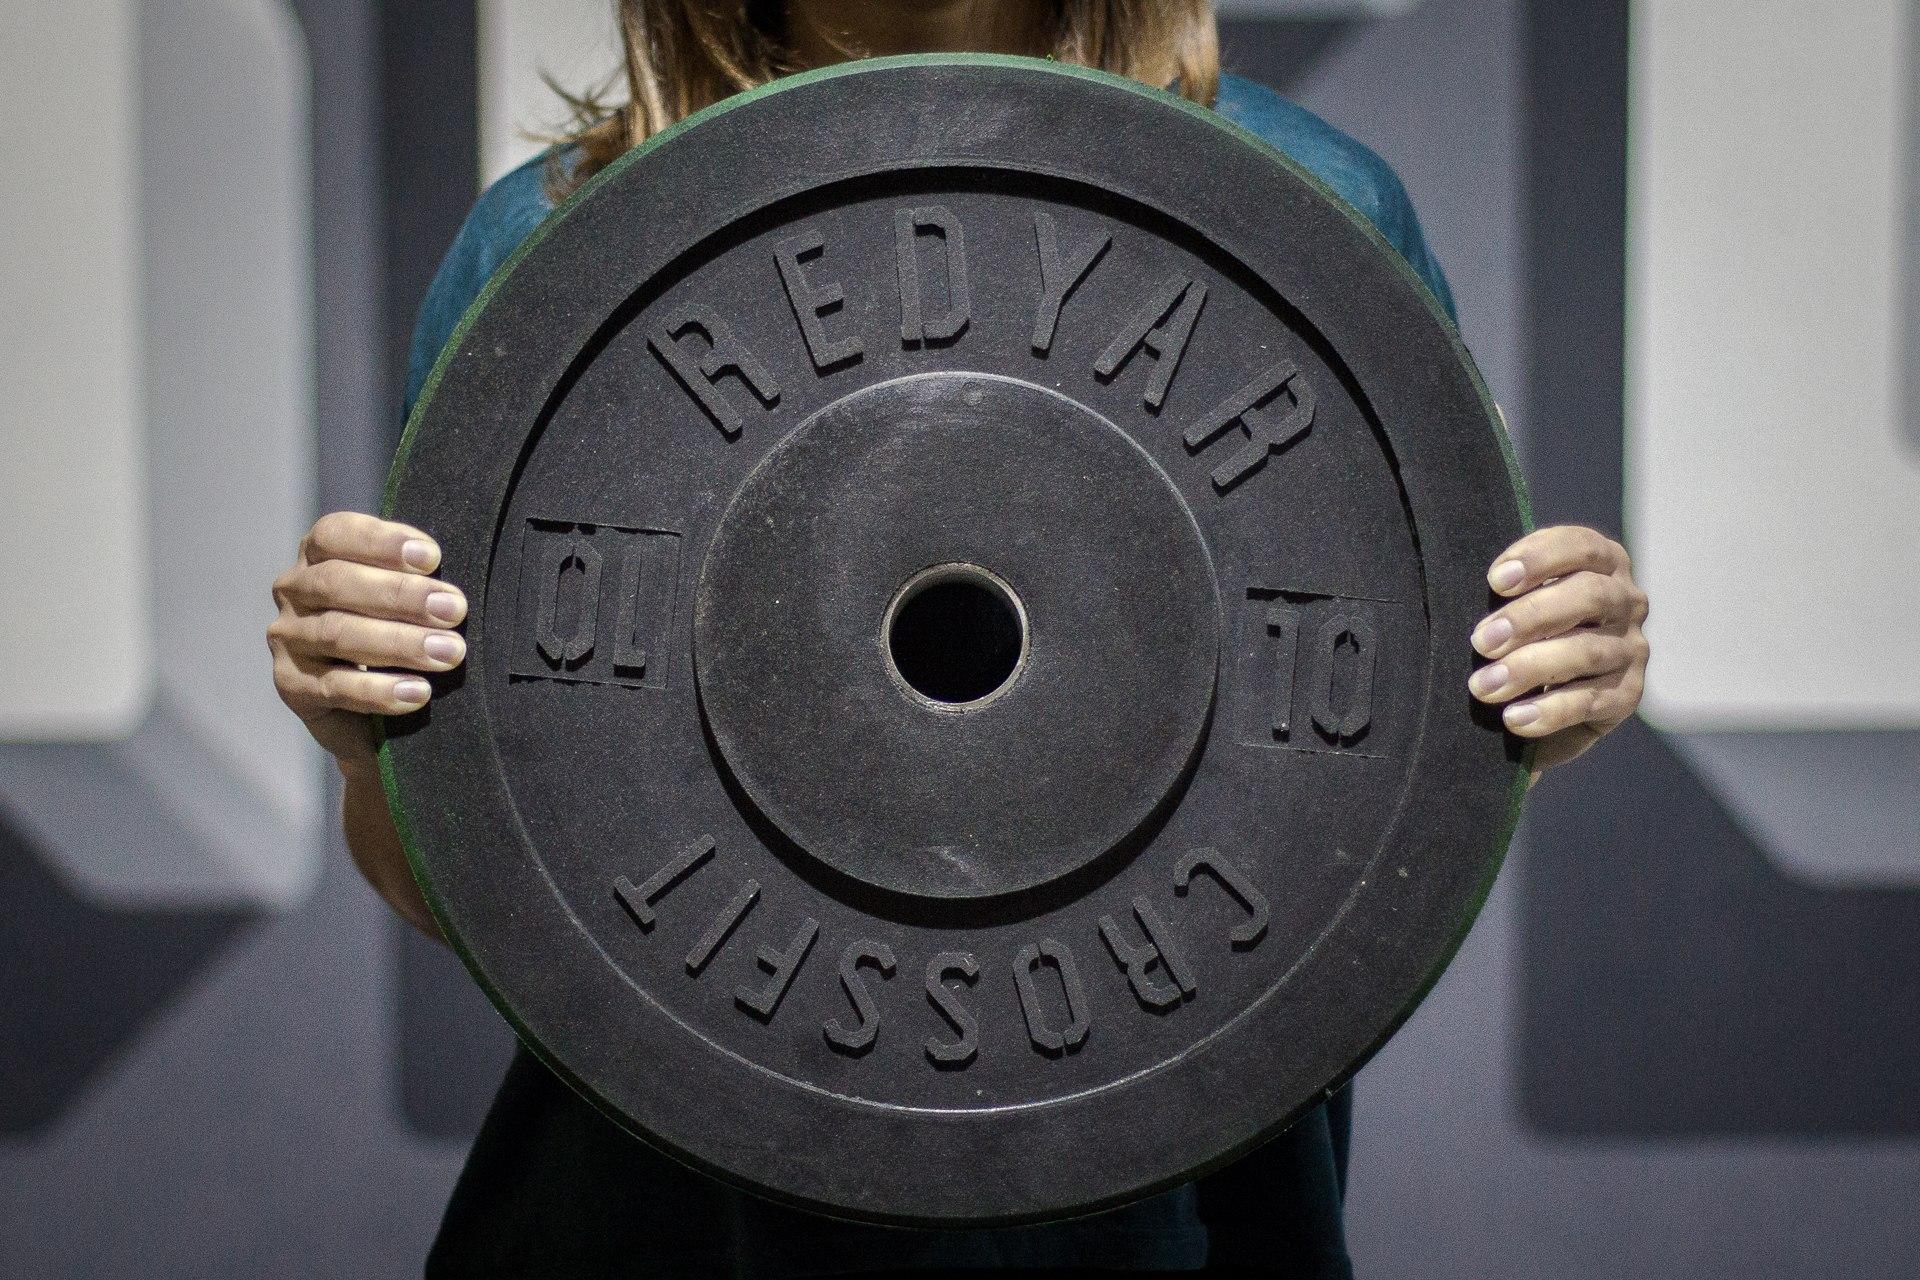 №3725 Предлагаем диски резиновые для Тяжелой атлетики, кроссфита, фитнес залов.